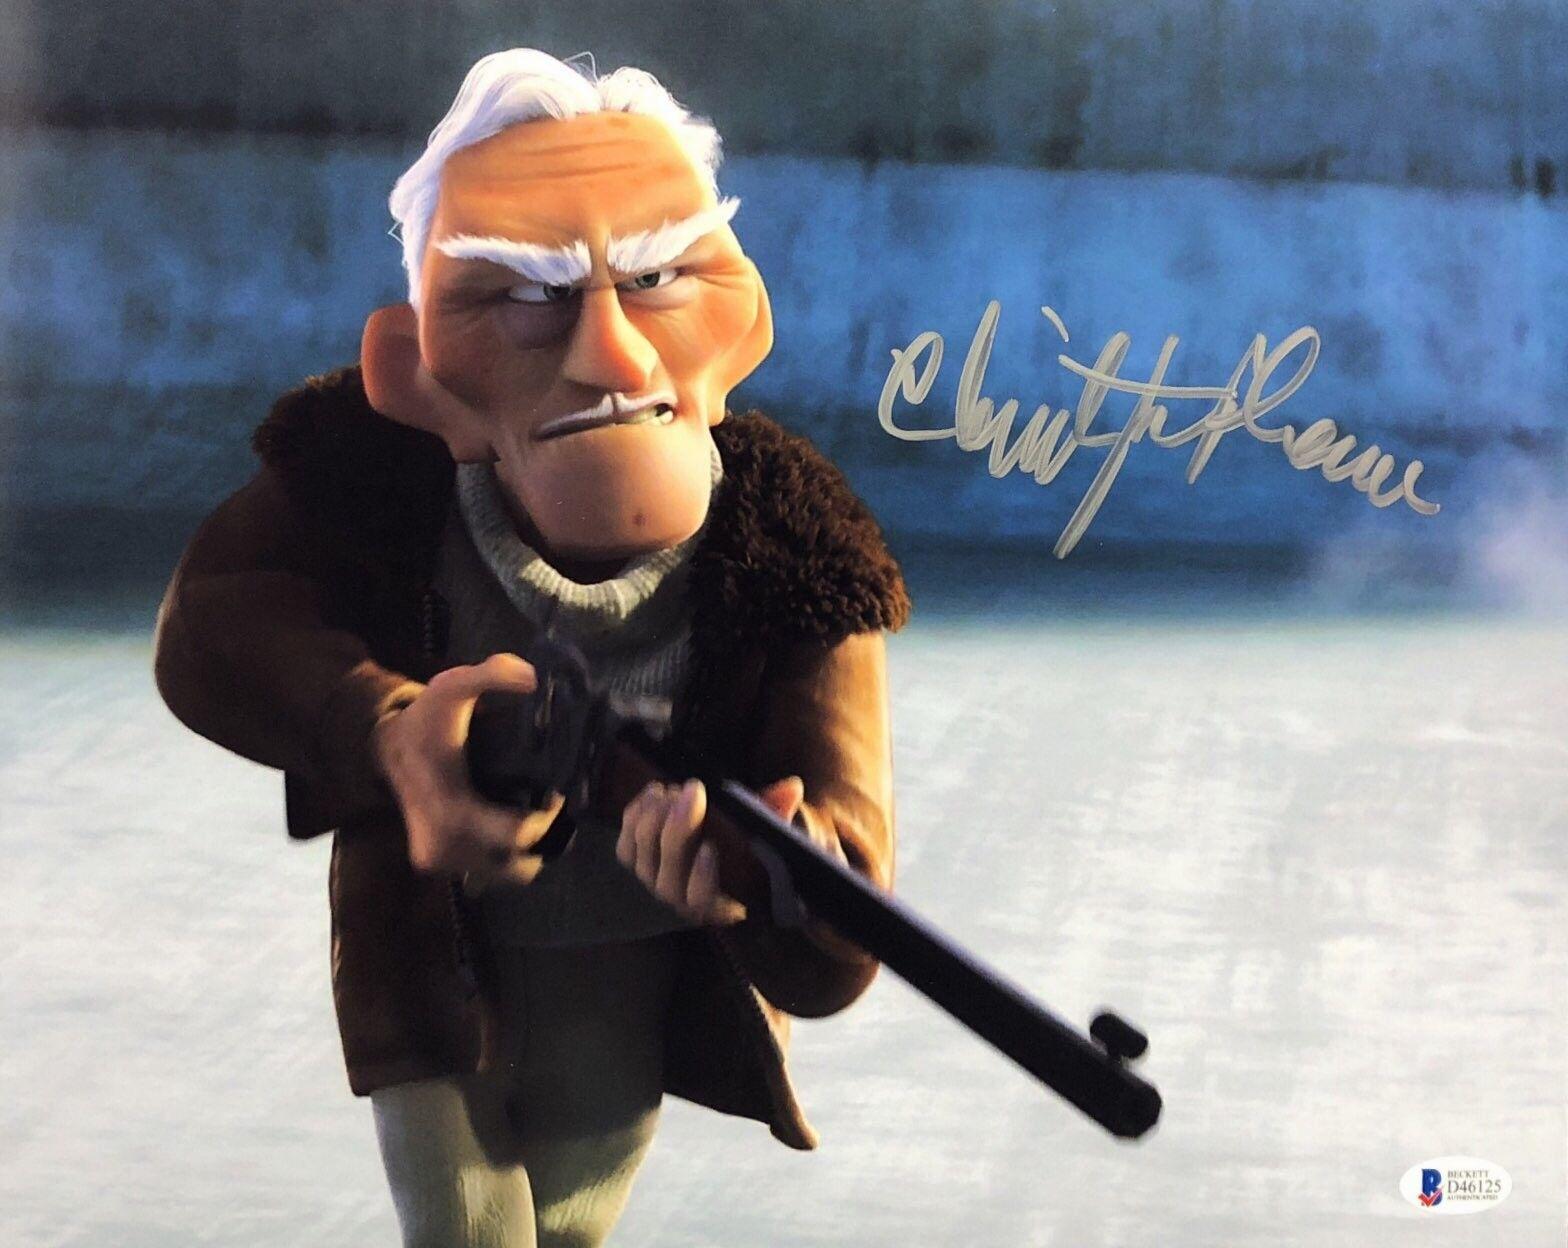 Christopher Plummer Signed Disney's 'Up' 11x14 Photo BAS Beckett D46125